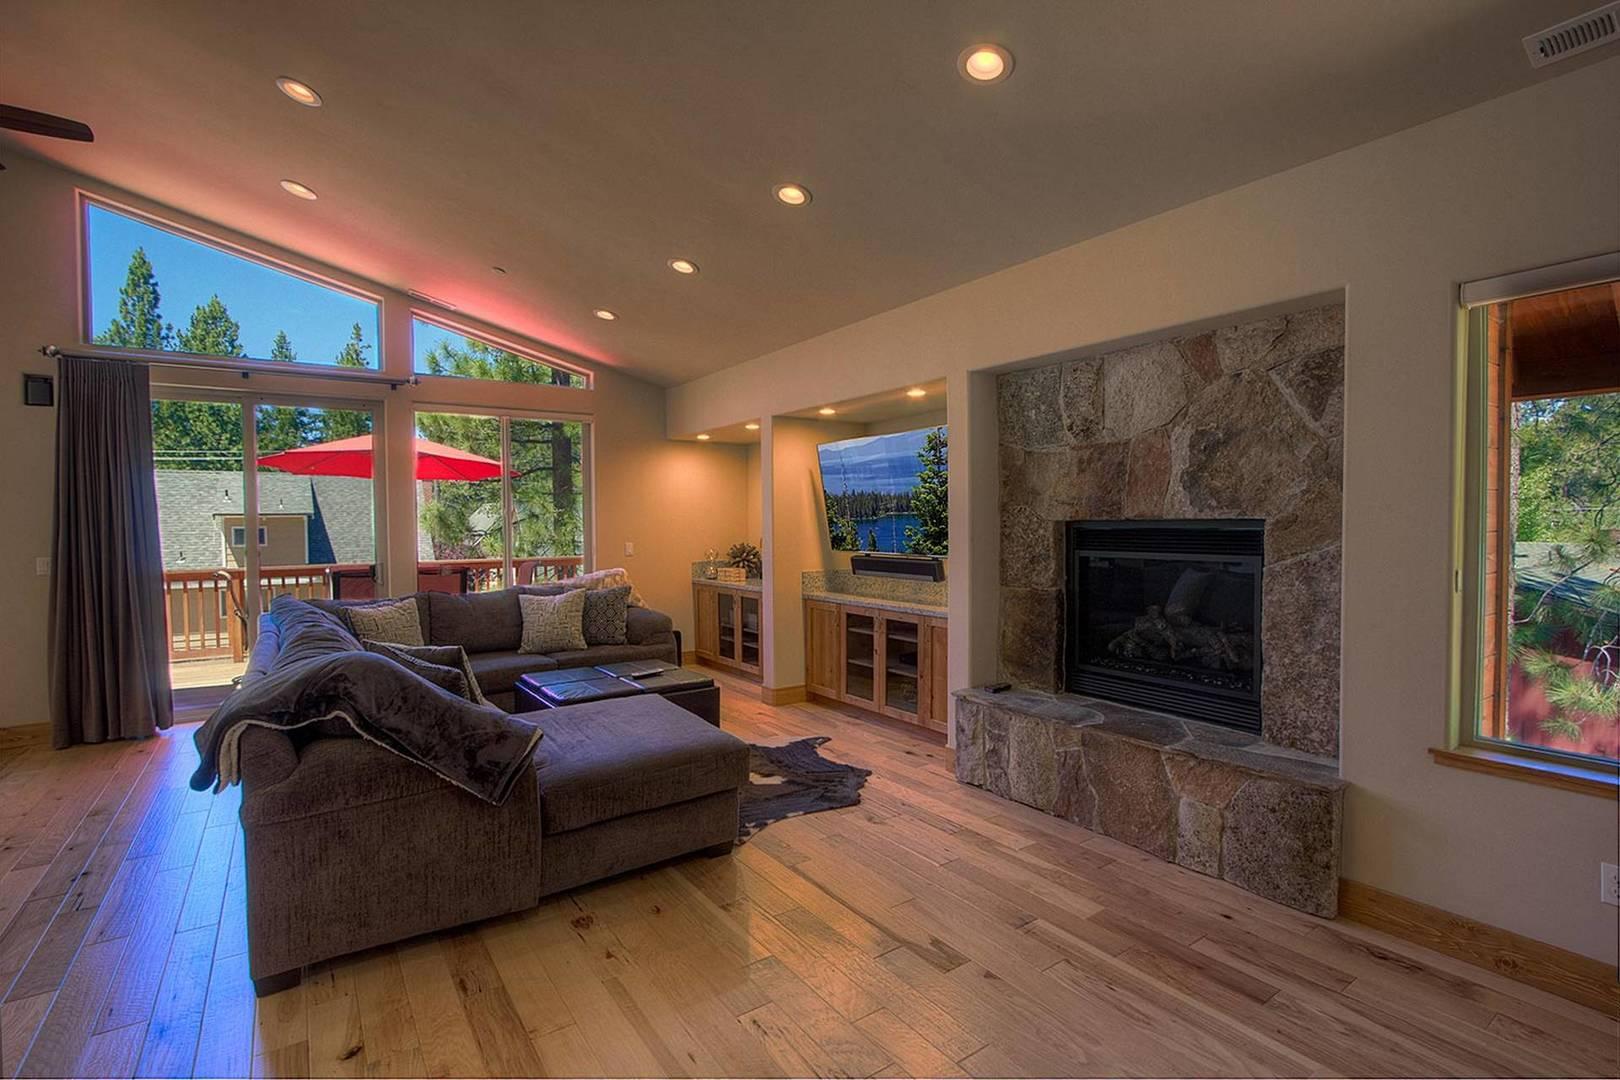 cyh1065 living room